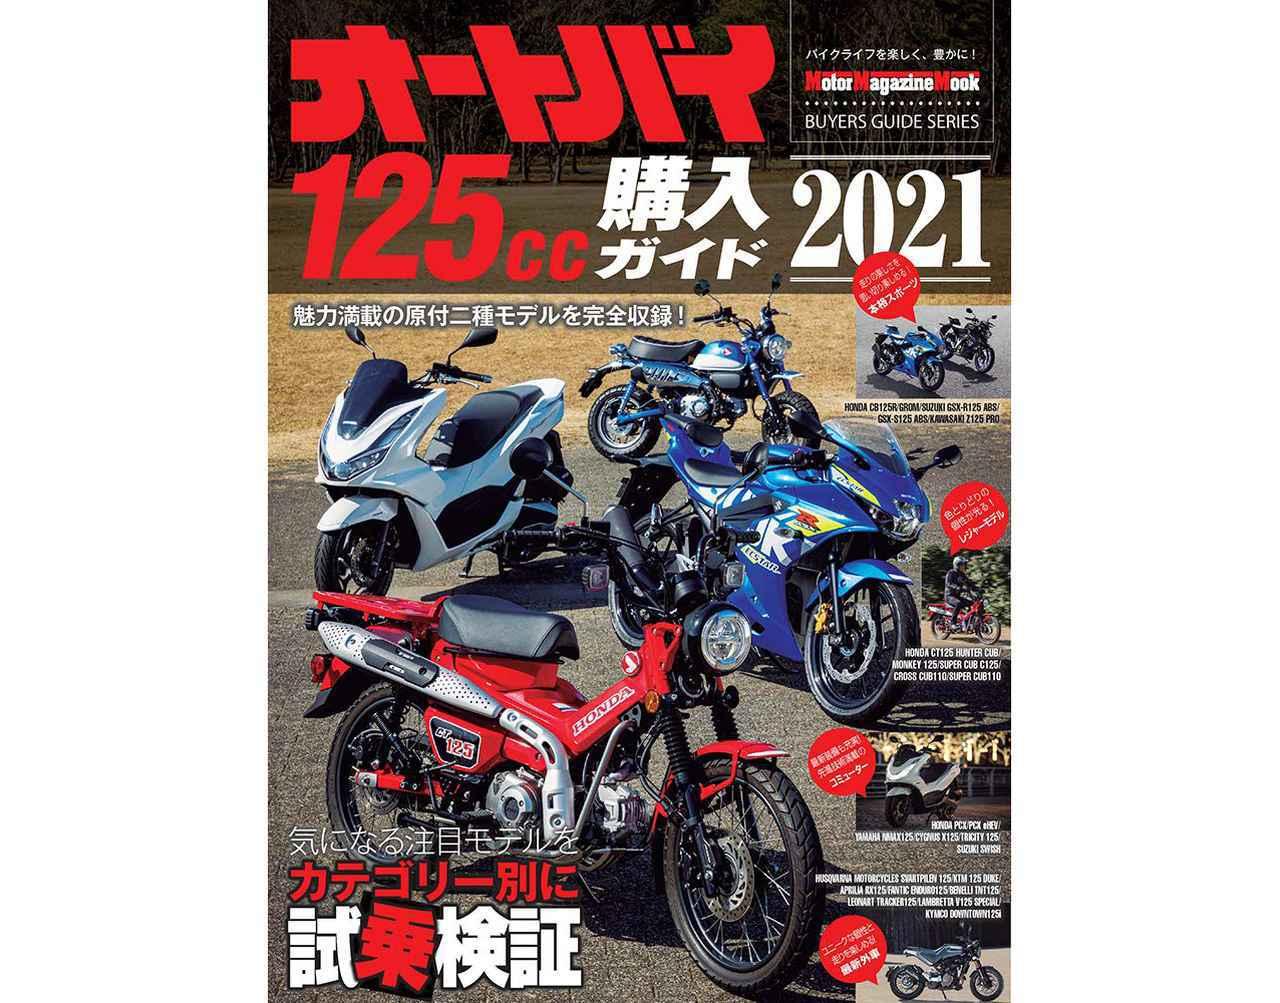 画像: 国内外の原付二種を徹底紹介!『オートバイ125cc購入ガイド2021』好評発売中 - webオートバイ